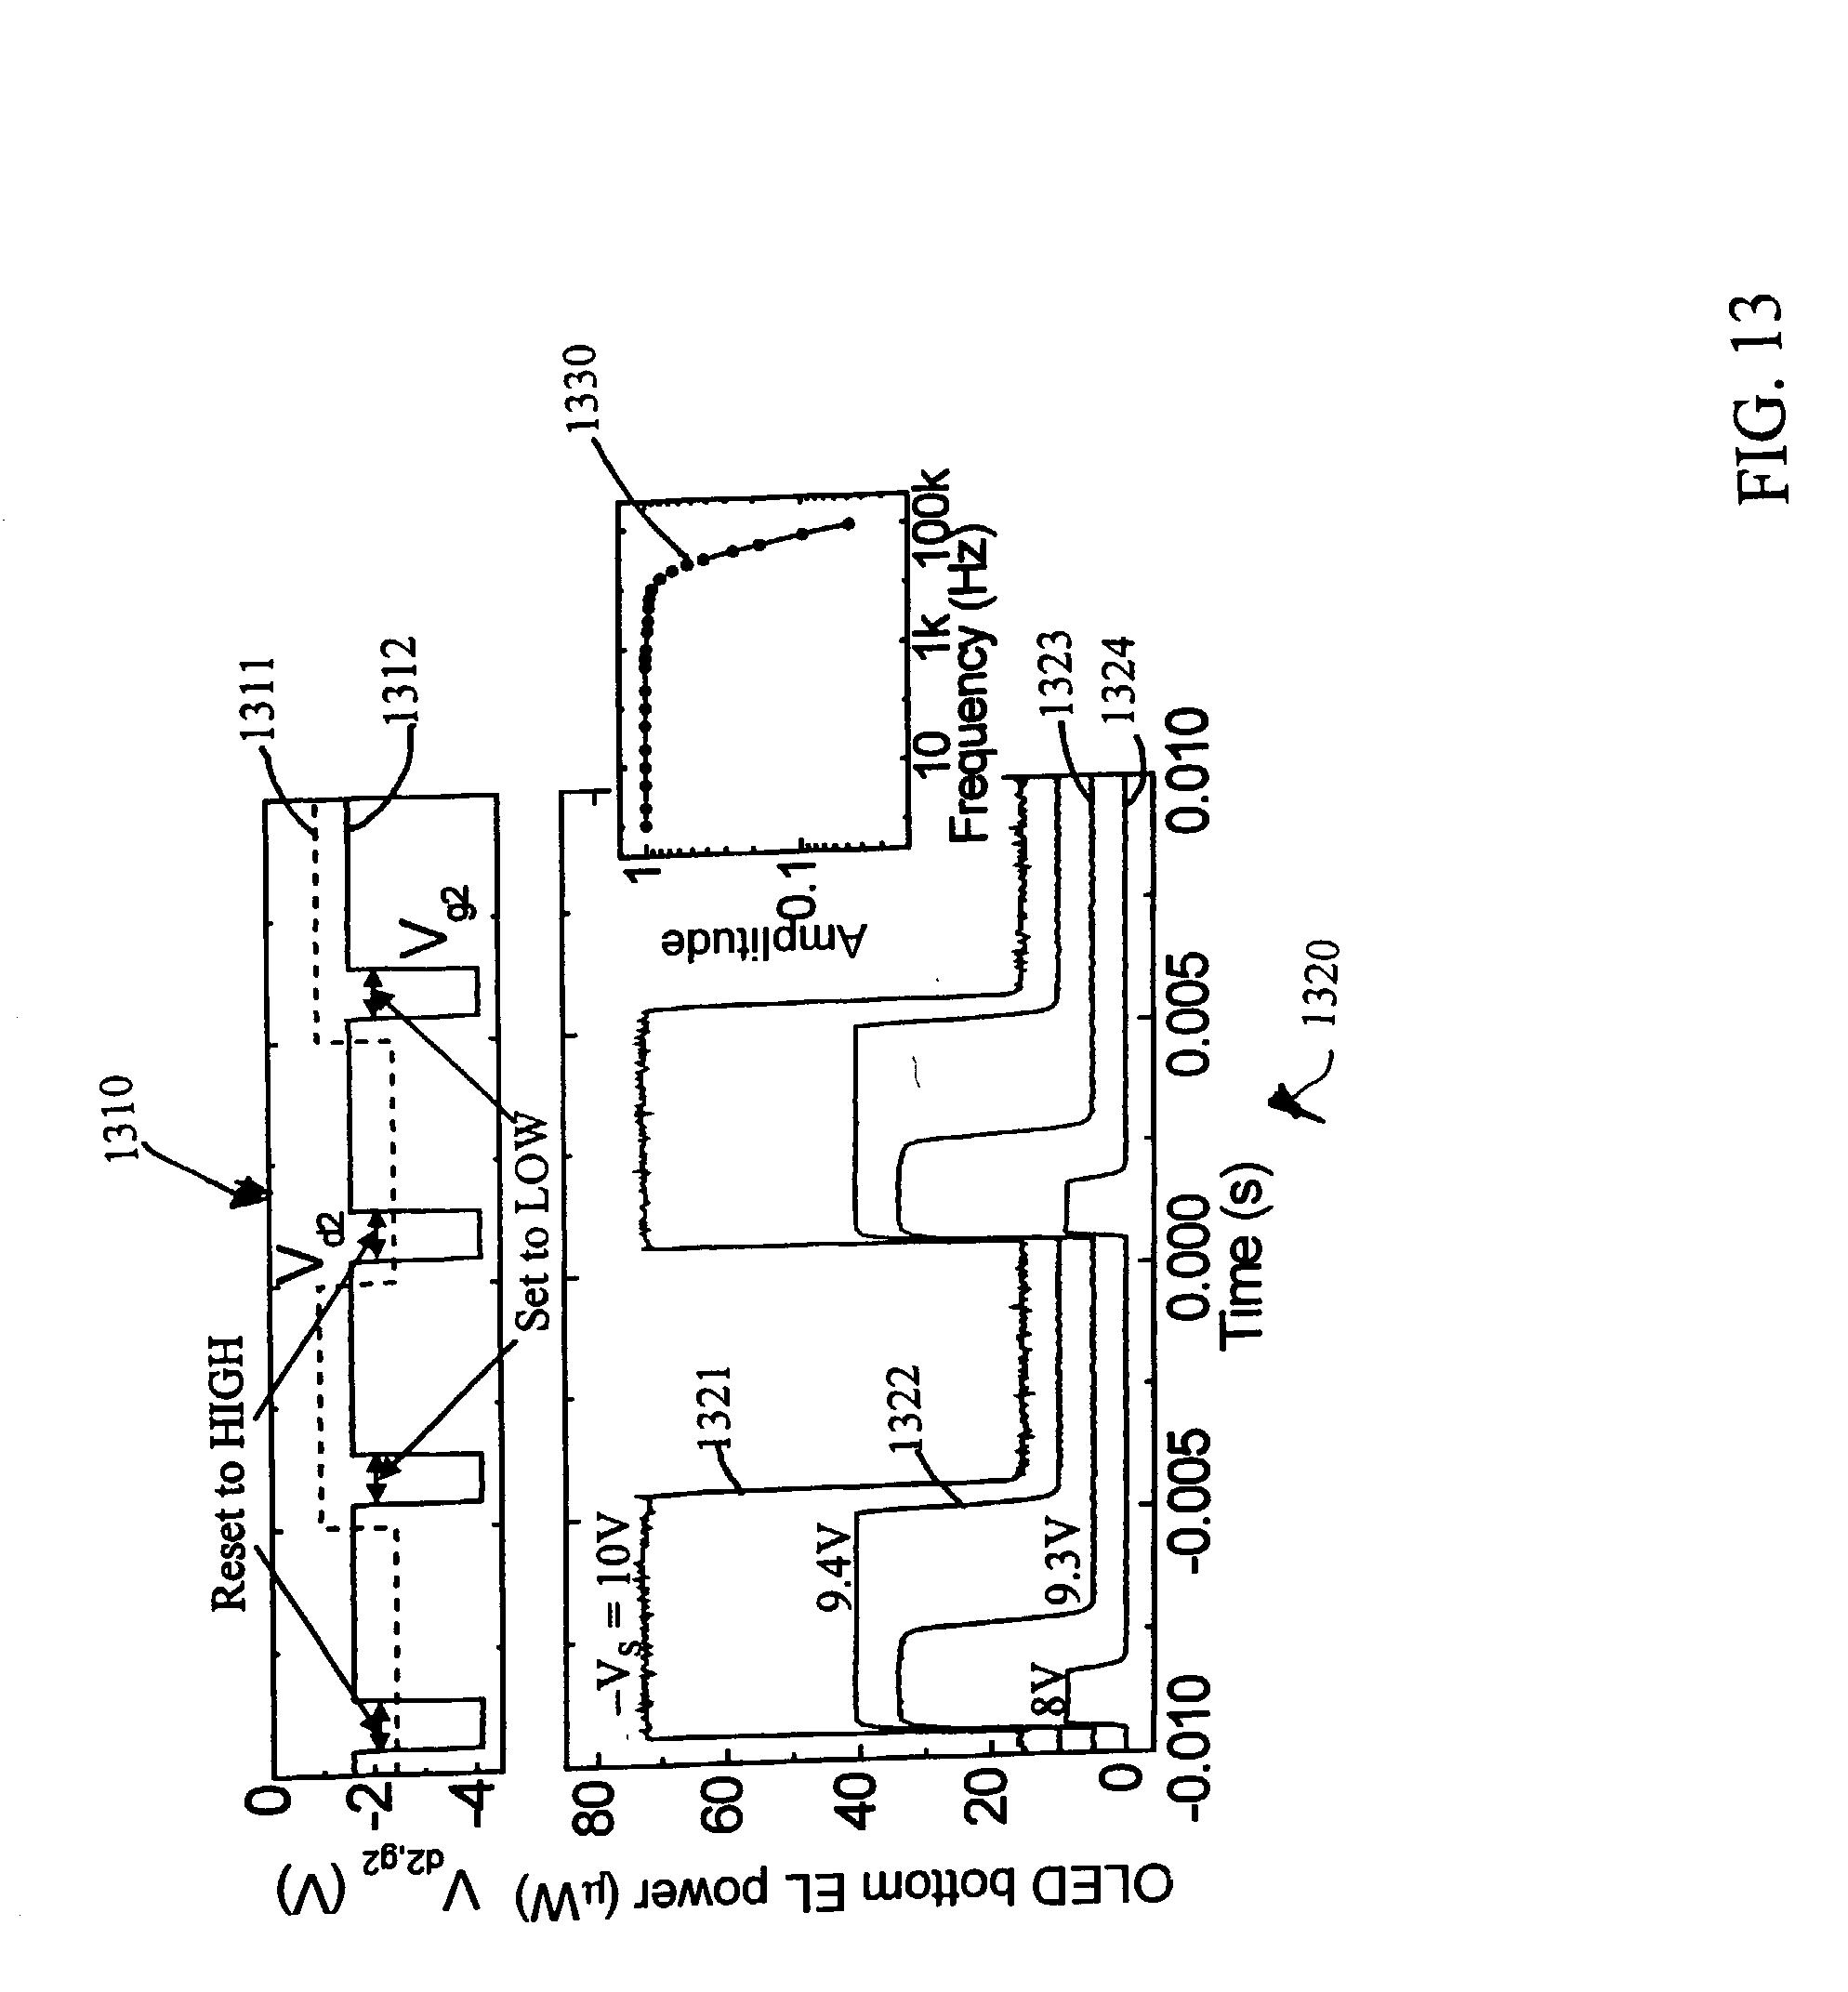 patent us20040031965